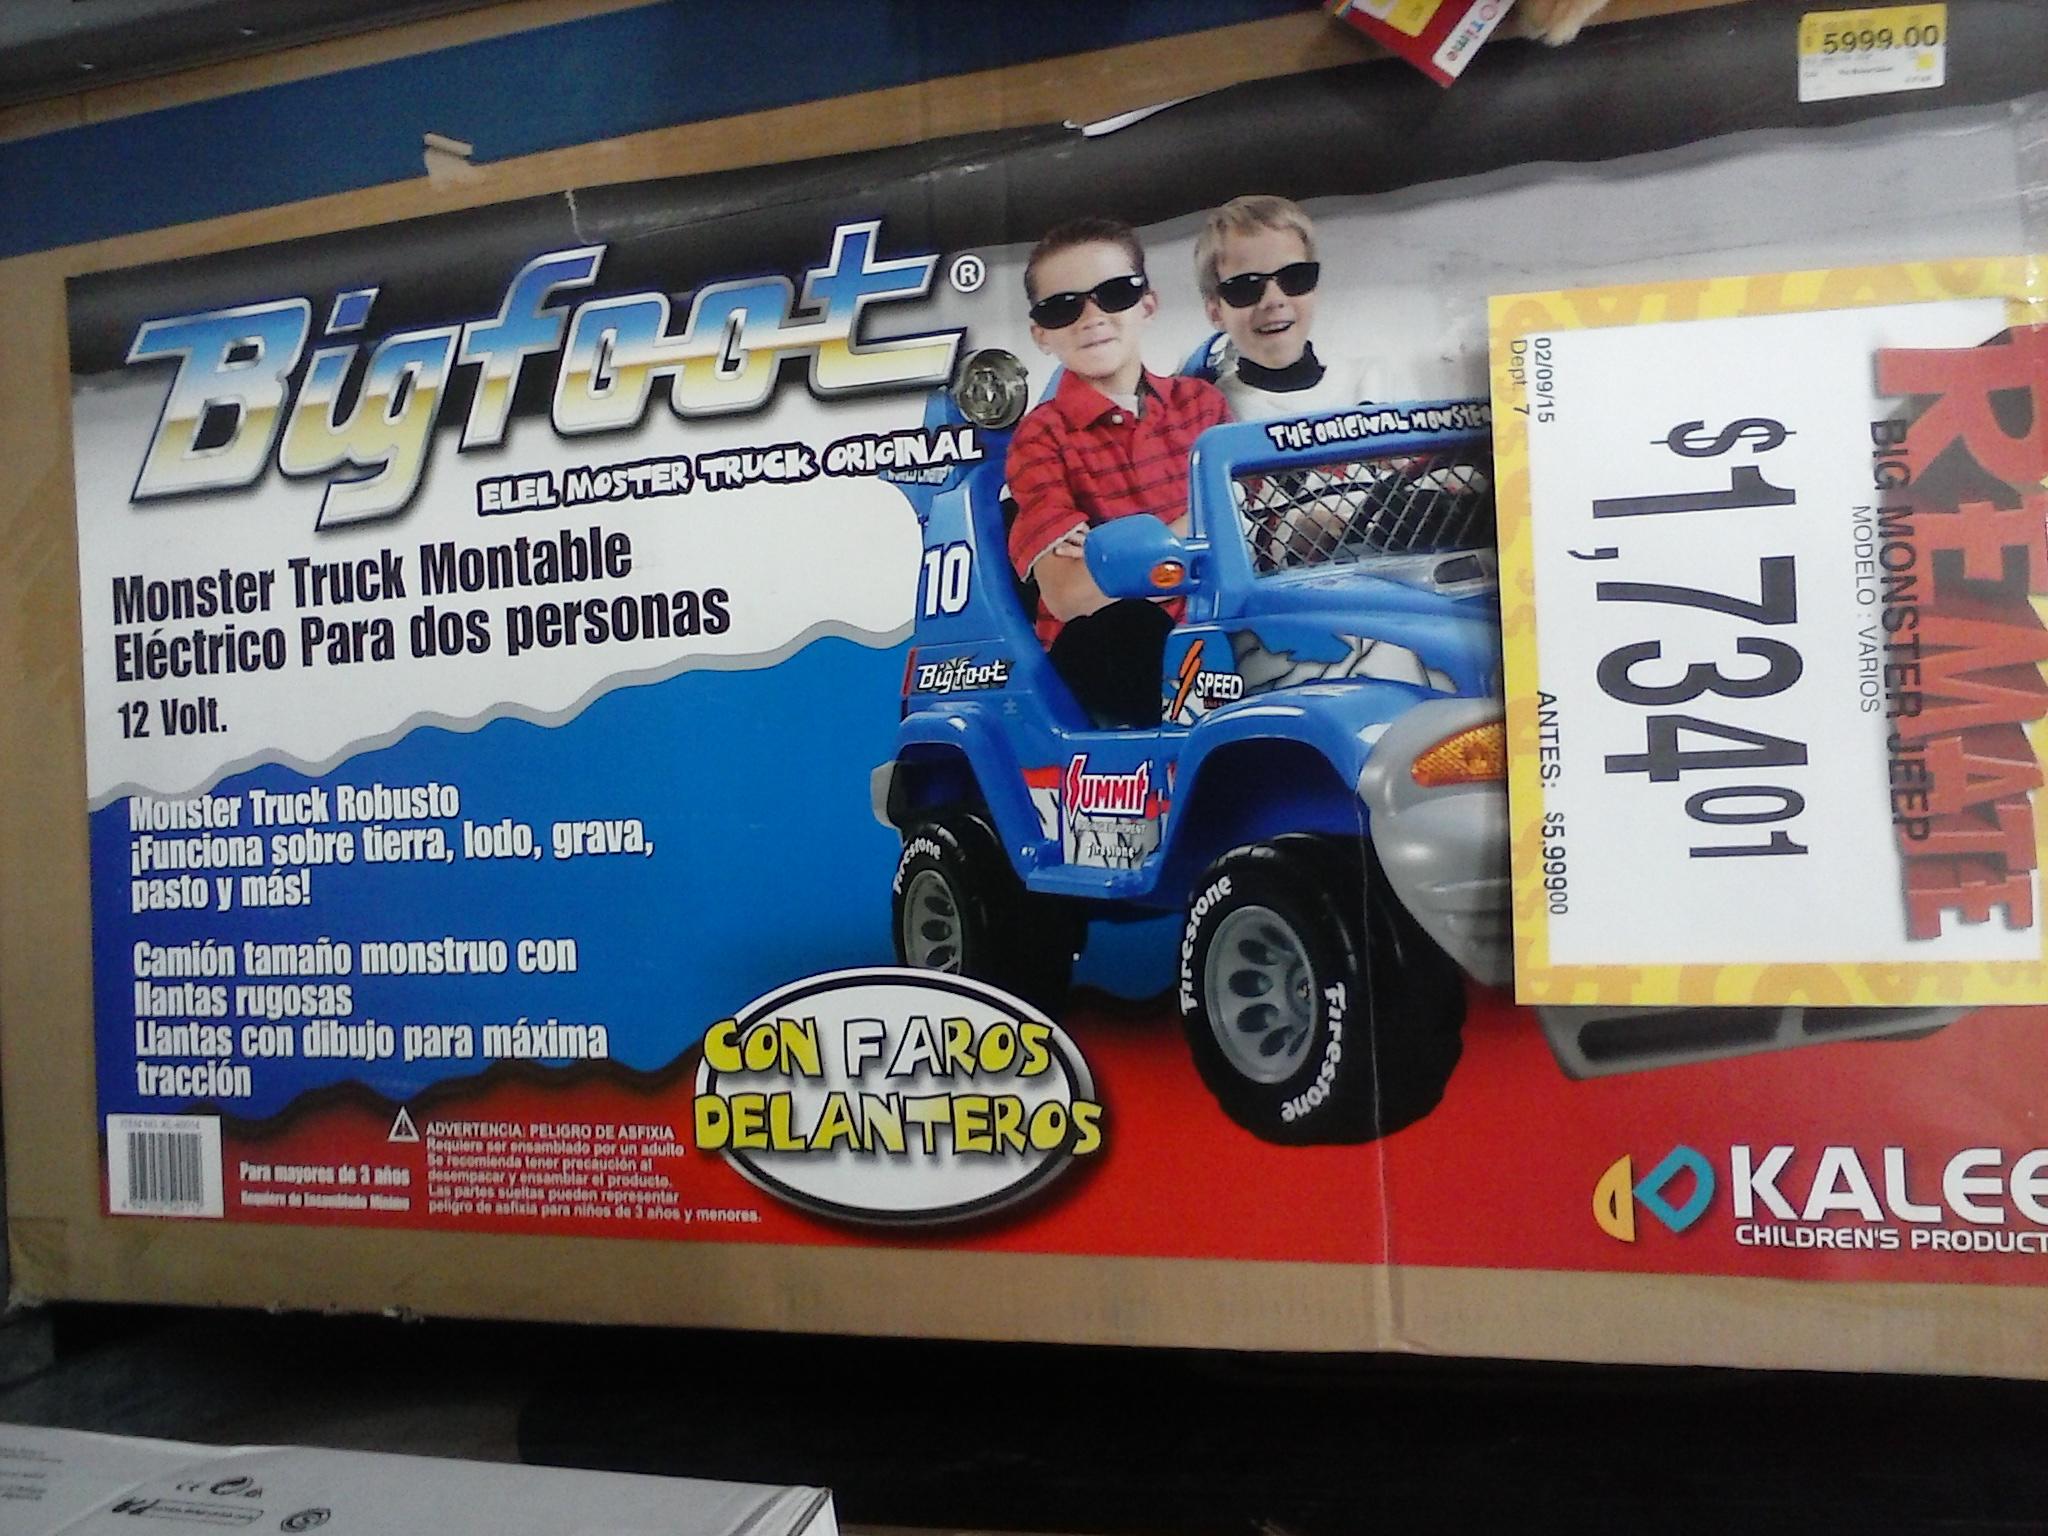 Bodega Aurrerá: Jeep Big Foot de $5,999 a $1,734 y caja registradora de $550 a $110